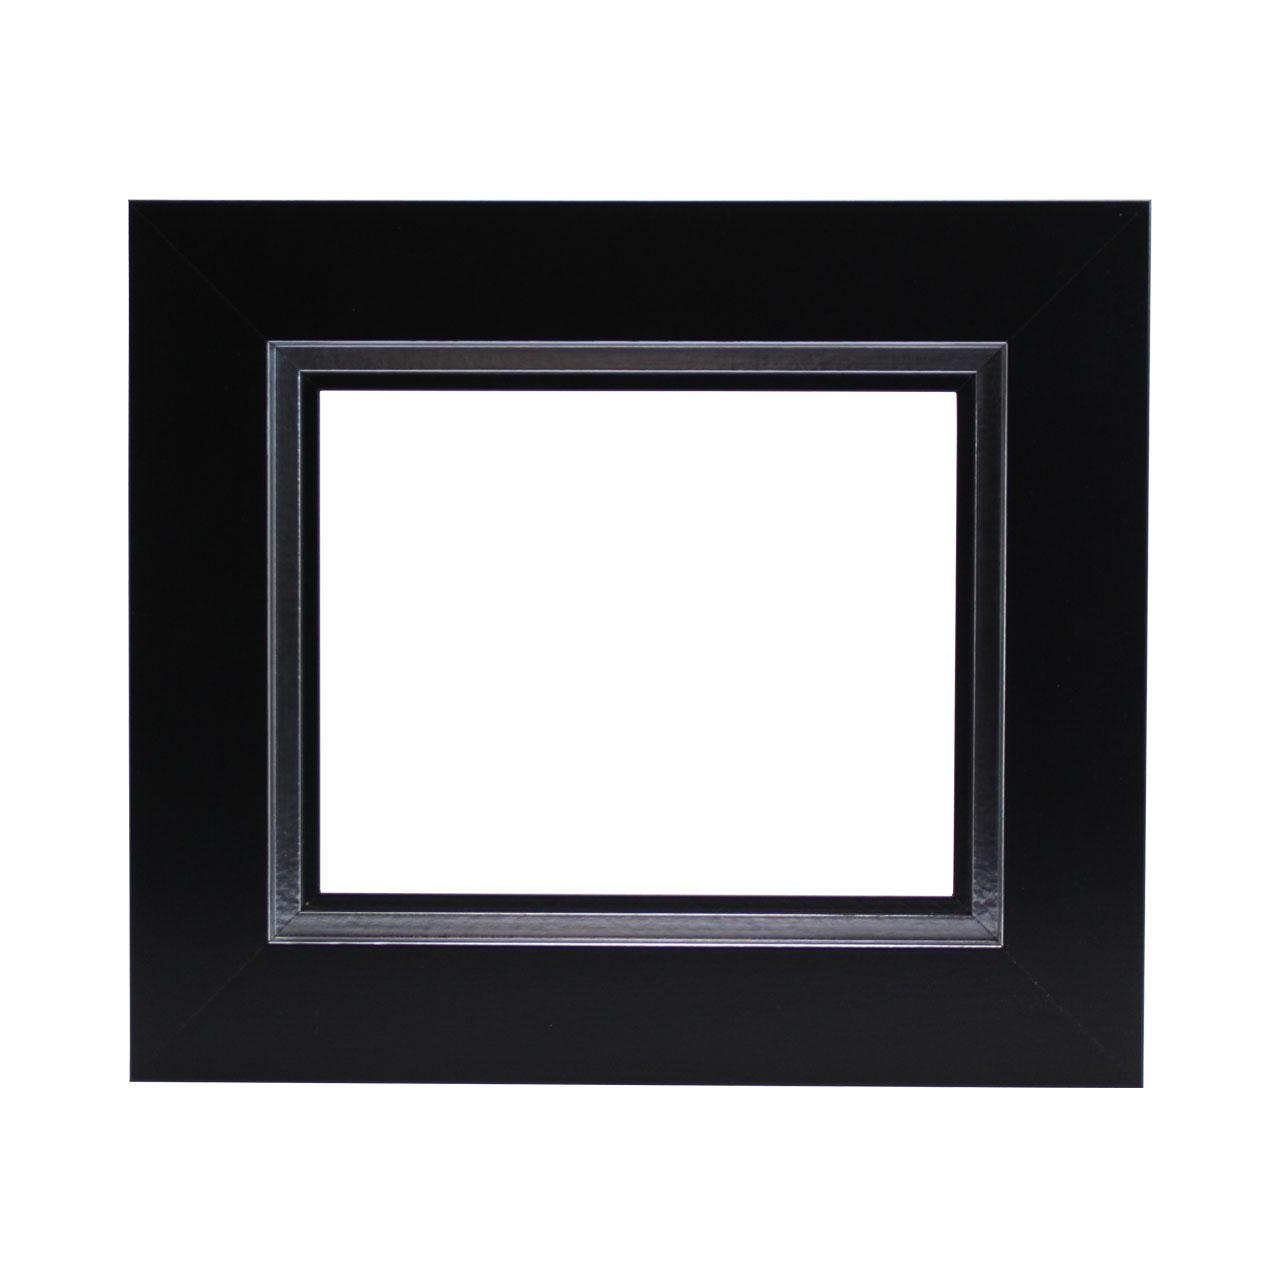 caisse plate noire filet argent cadre pour tableau cadres en stock. Black Bedroom Furniture Sets. Home Design Ideas